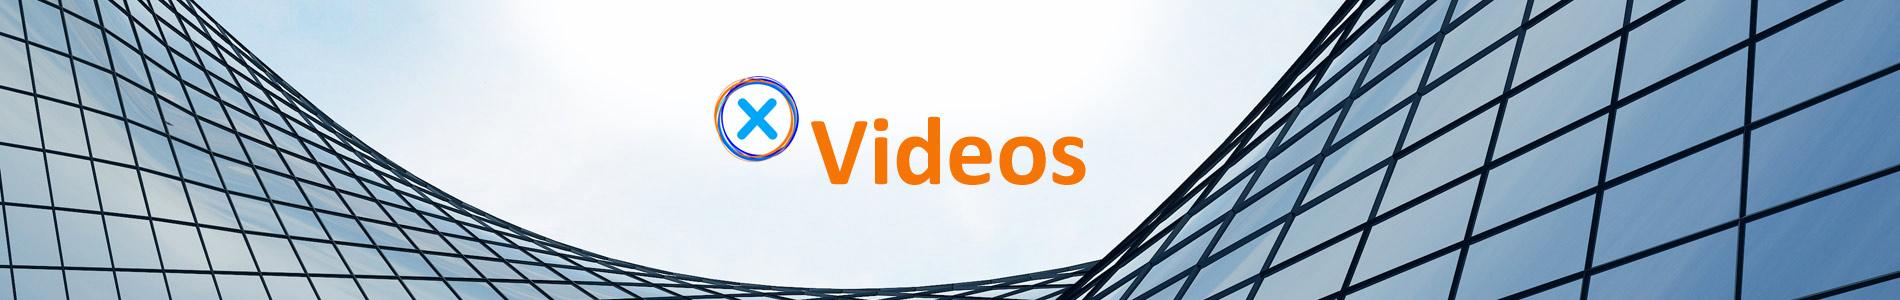 Gary Knott | How2excel - Excel Schulungen - Videos